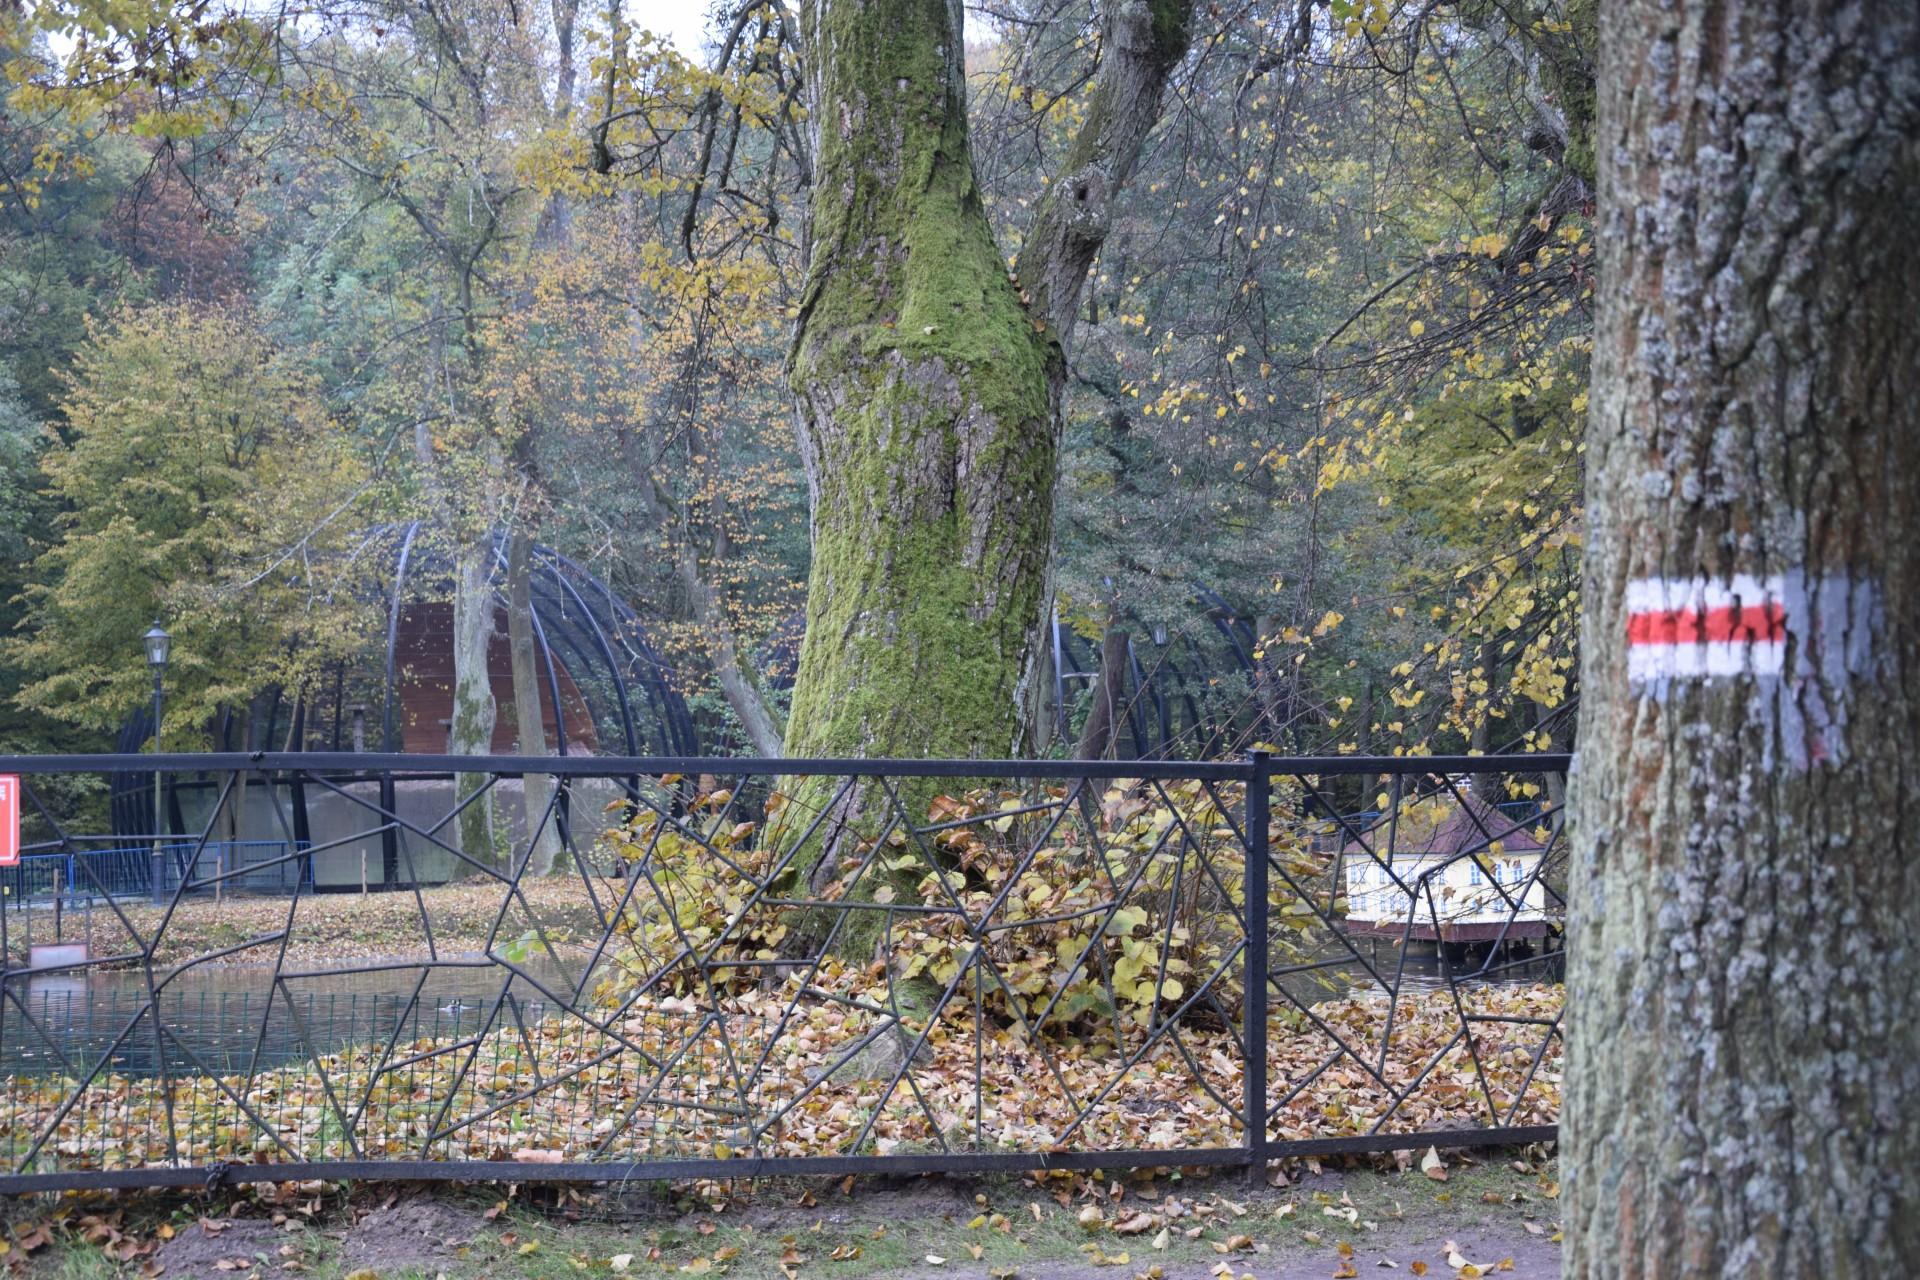 Foki w parku w Wejherowie. To dobry pomysł? 5